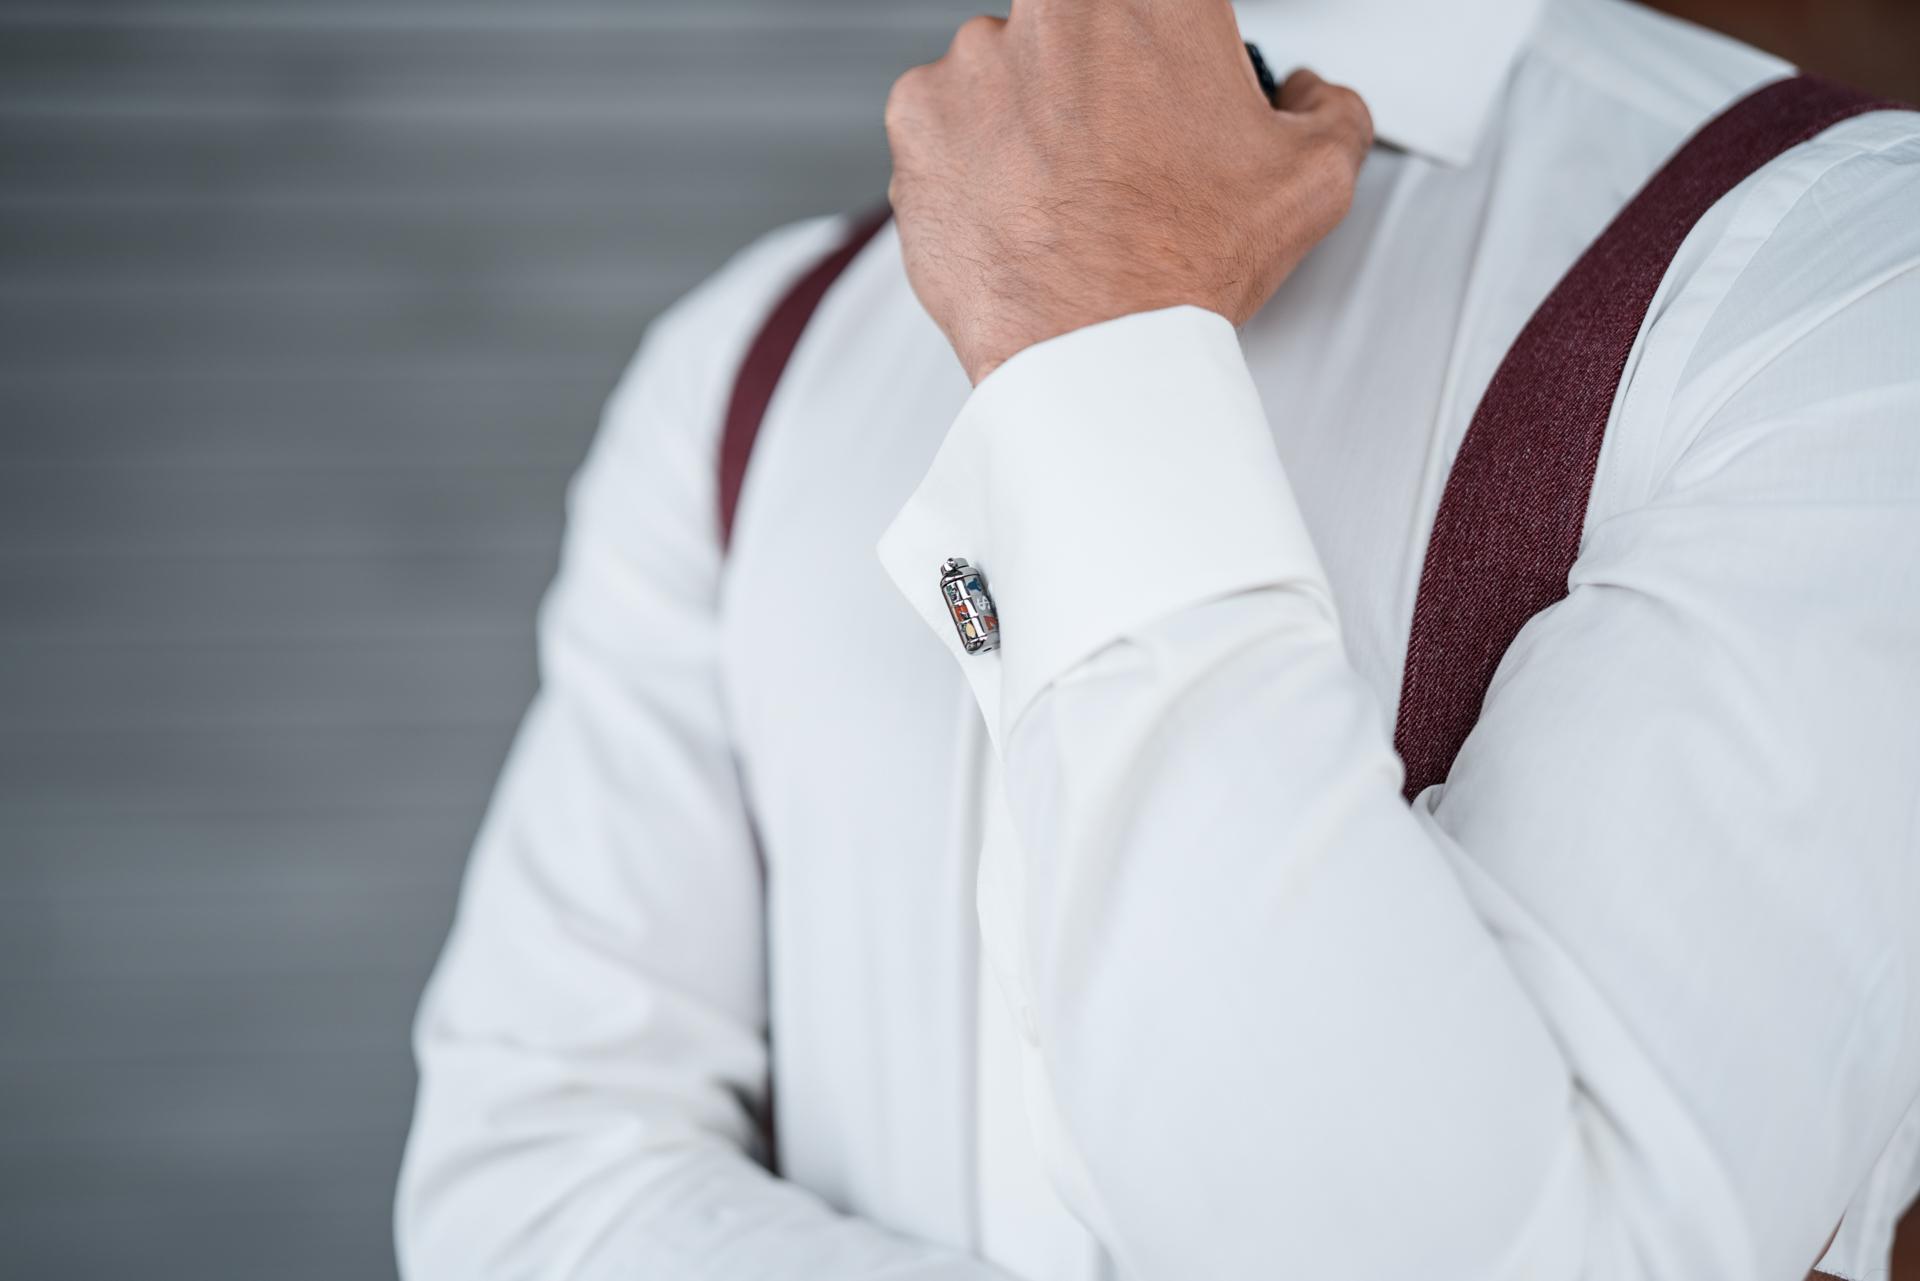 Weißes DU4 Hemd mit passenden Manschettenknöpfen und Hosenträgern